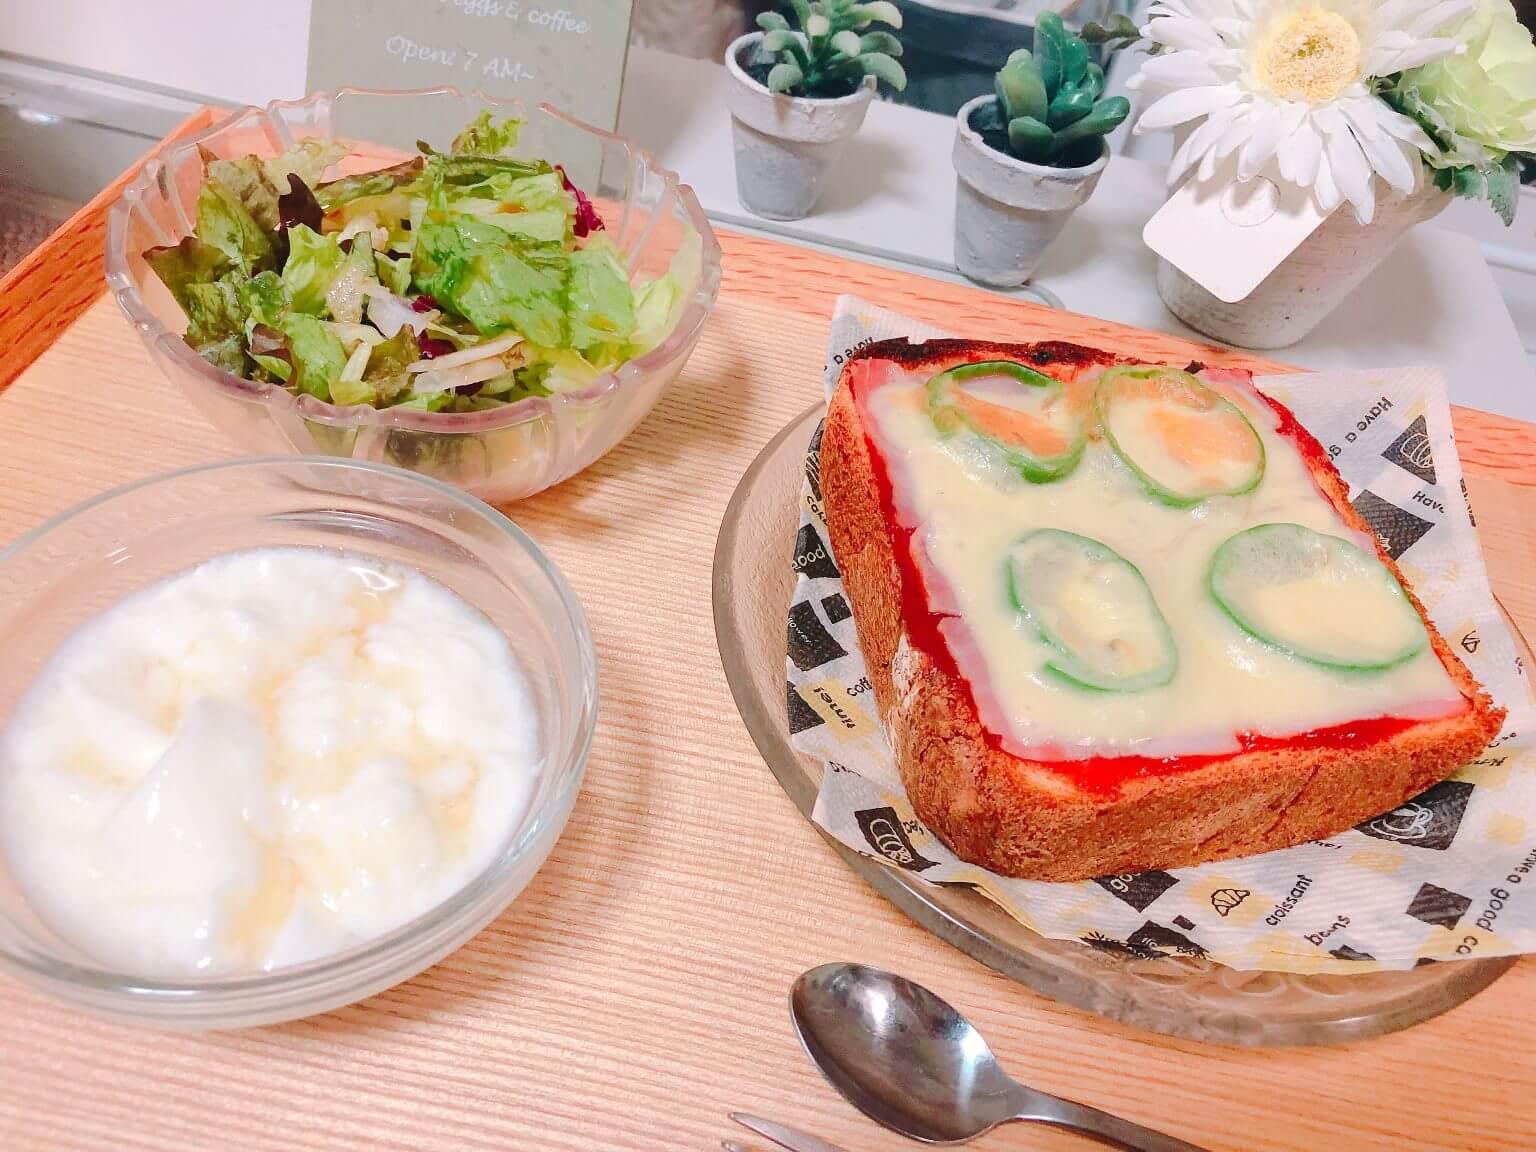 朝食は栄養たっぷりでしっかりと!元カフェ店員がオススメするお洒落なカフェ風モーニング♡